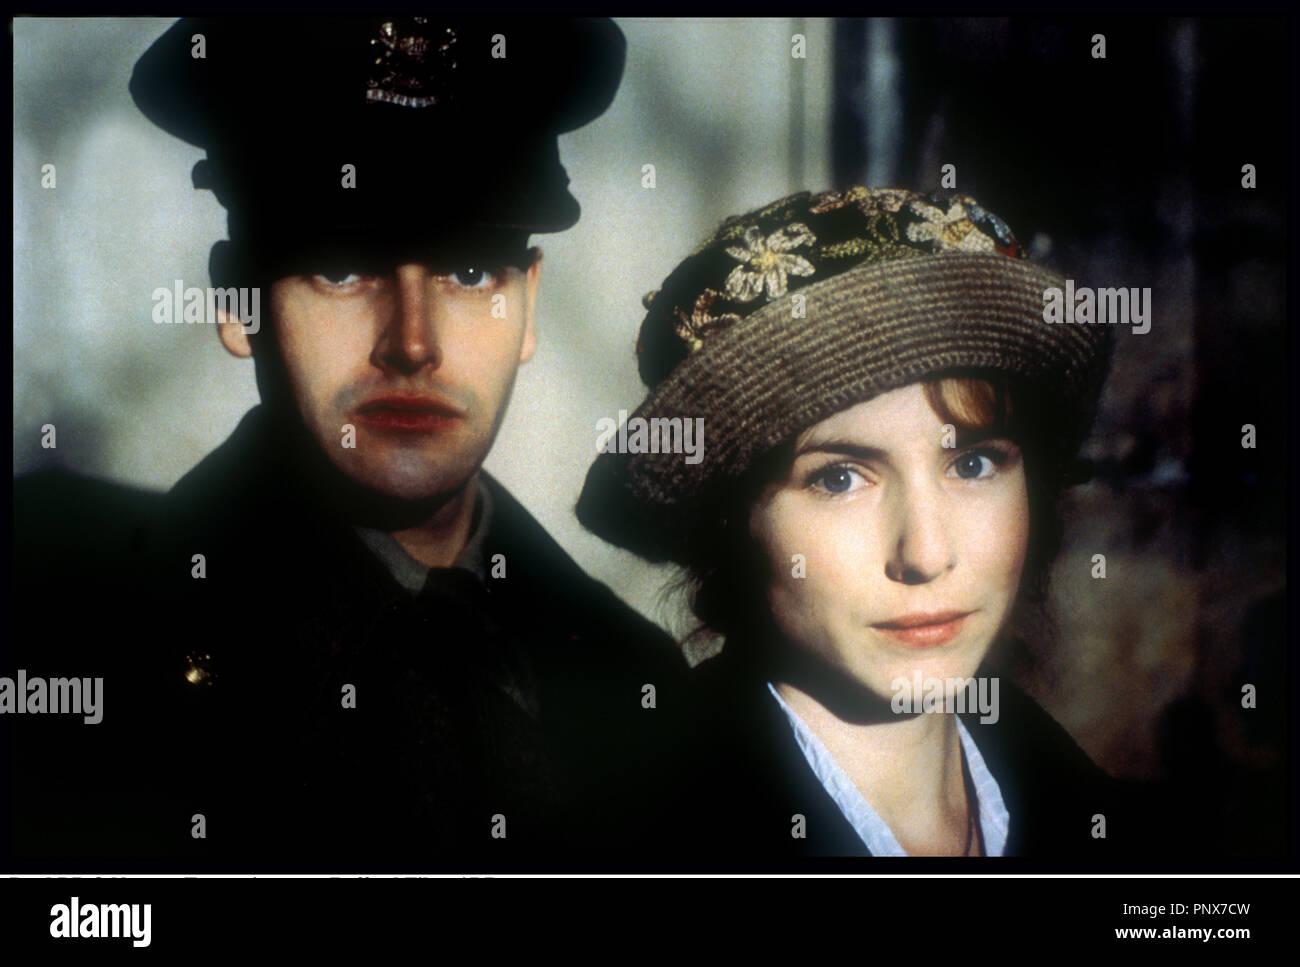 Tara Summers,Sarah Lancashire XXX pics & movies Mary Jane Higby,Bahareh Afshari